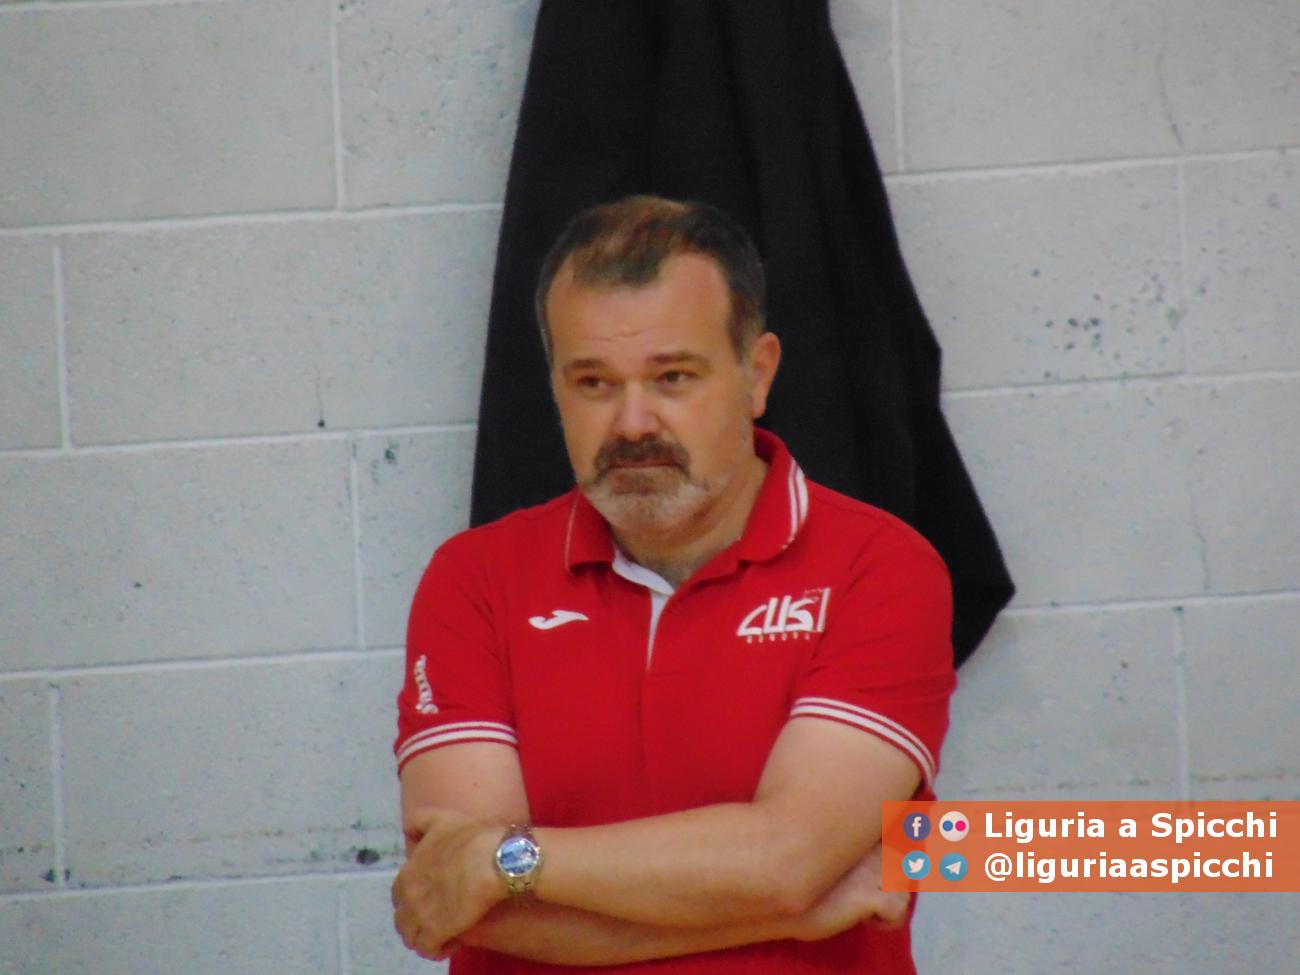 Coach Giovanni Pansolin © LIGURIA A SPICCHI